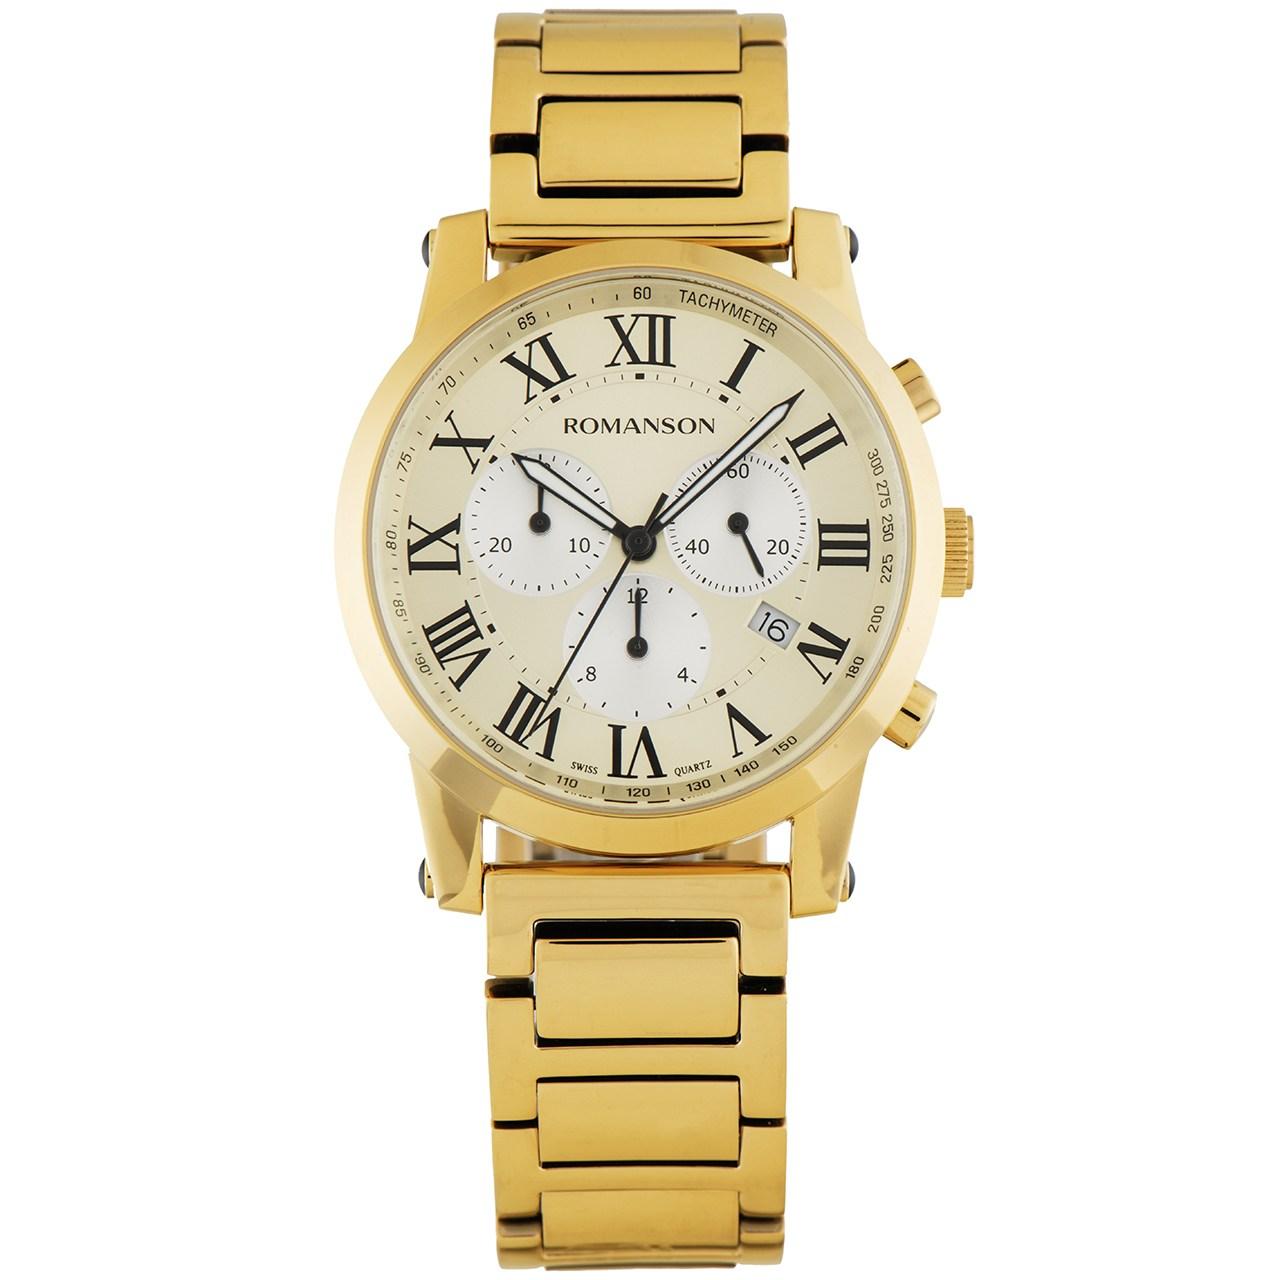 ساعت مچی عقربه ای مردانه رومانسون مدل TM0334HM1GB85B